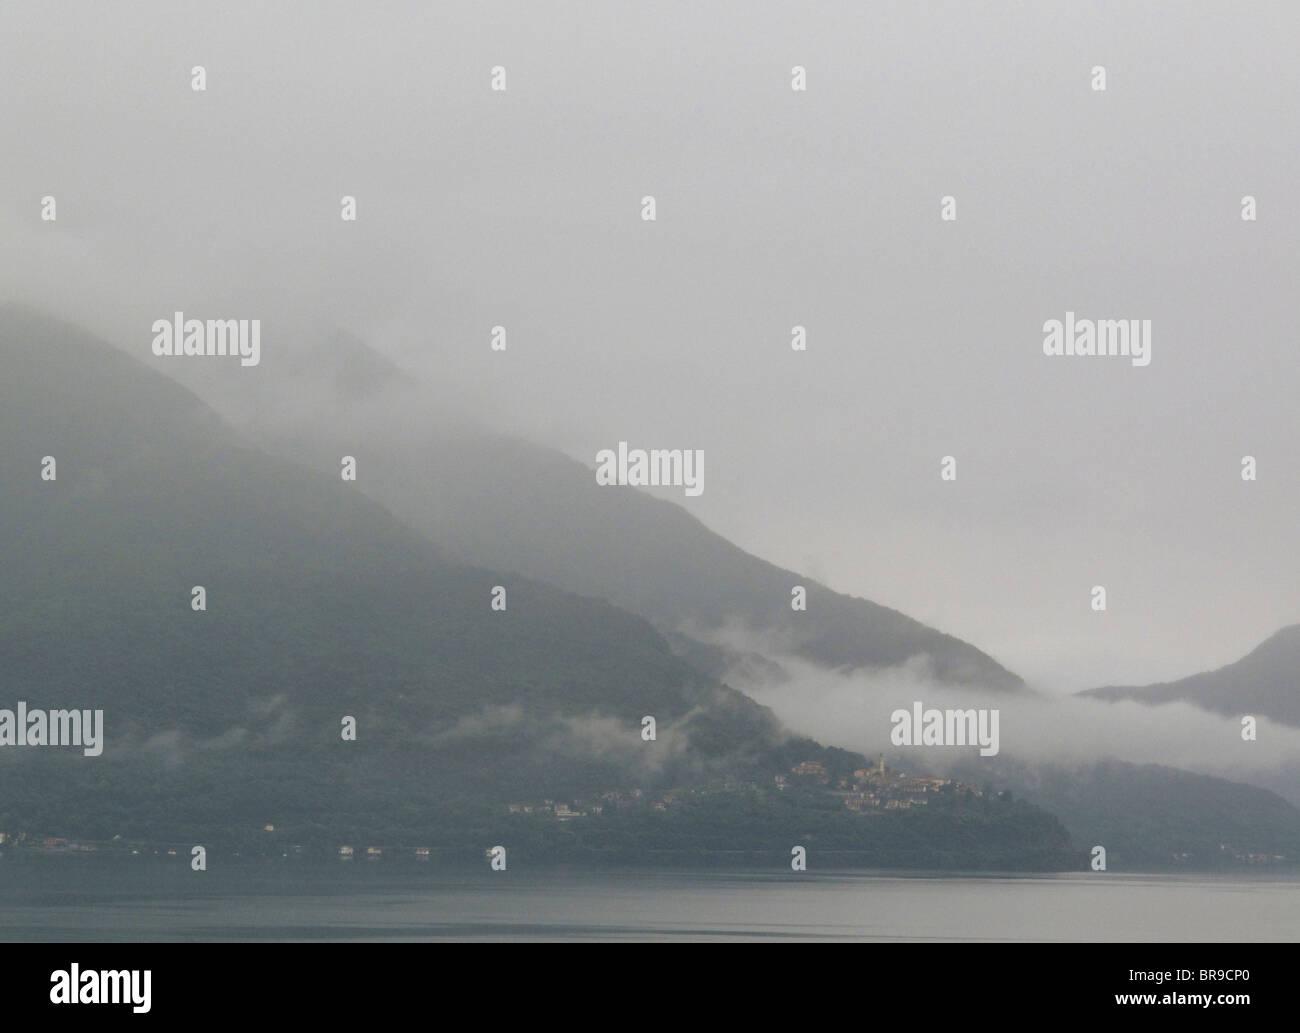 nach Regenschauer - Dorf von Pino Sulla Sponda del Lago Maggiore - Region Lombardei - Italien Stockbild